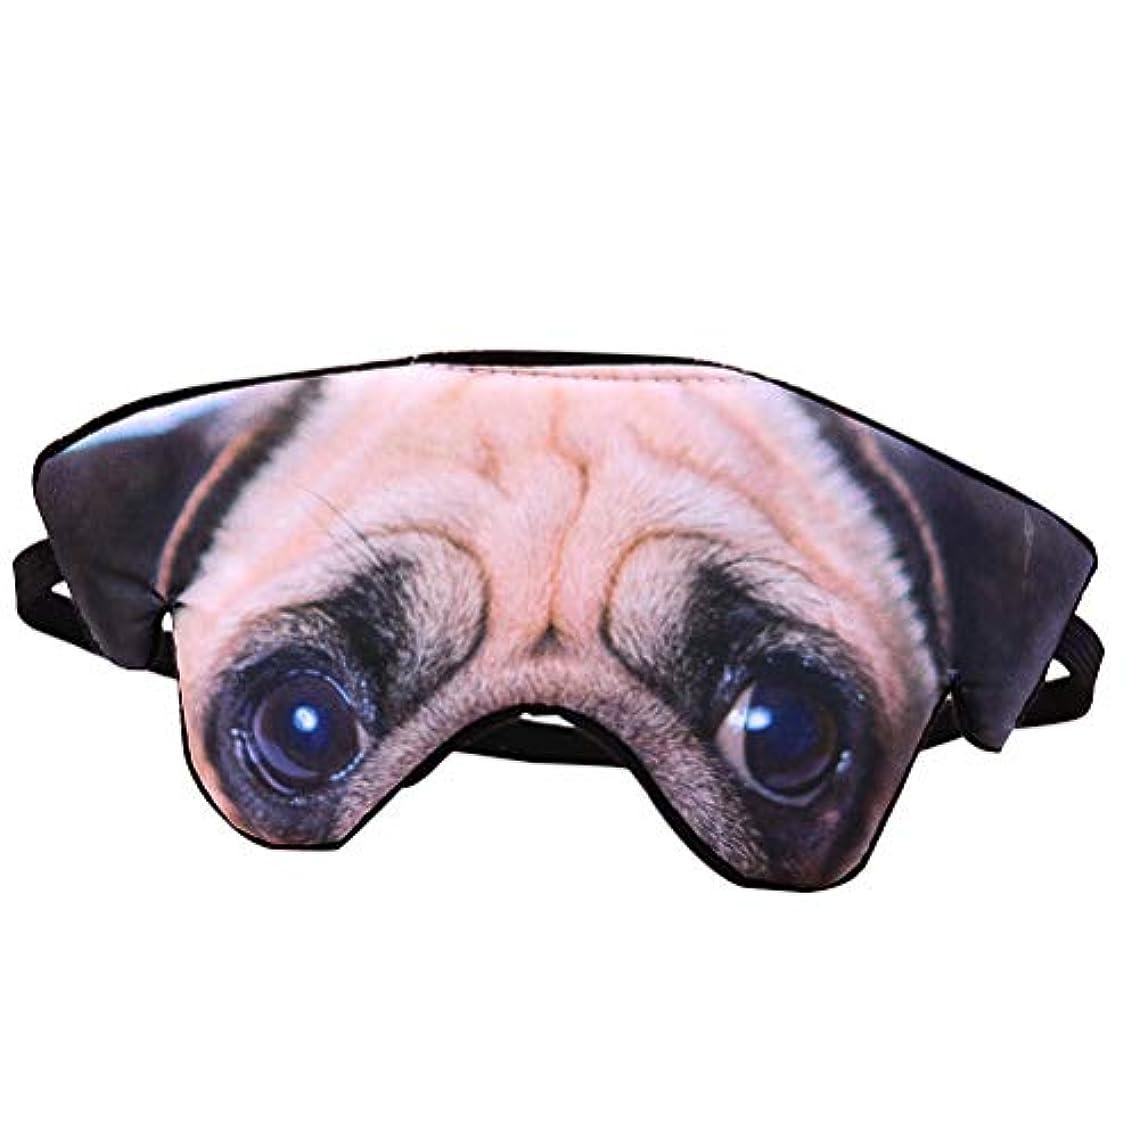 前奏曲群れマウンドSUPVOX かわいい睡眠マスク目の睡眠マスクの子供のアイマスクパグのパターン(パグ)